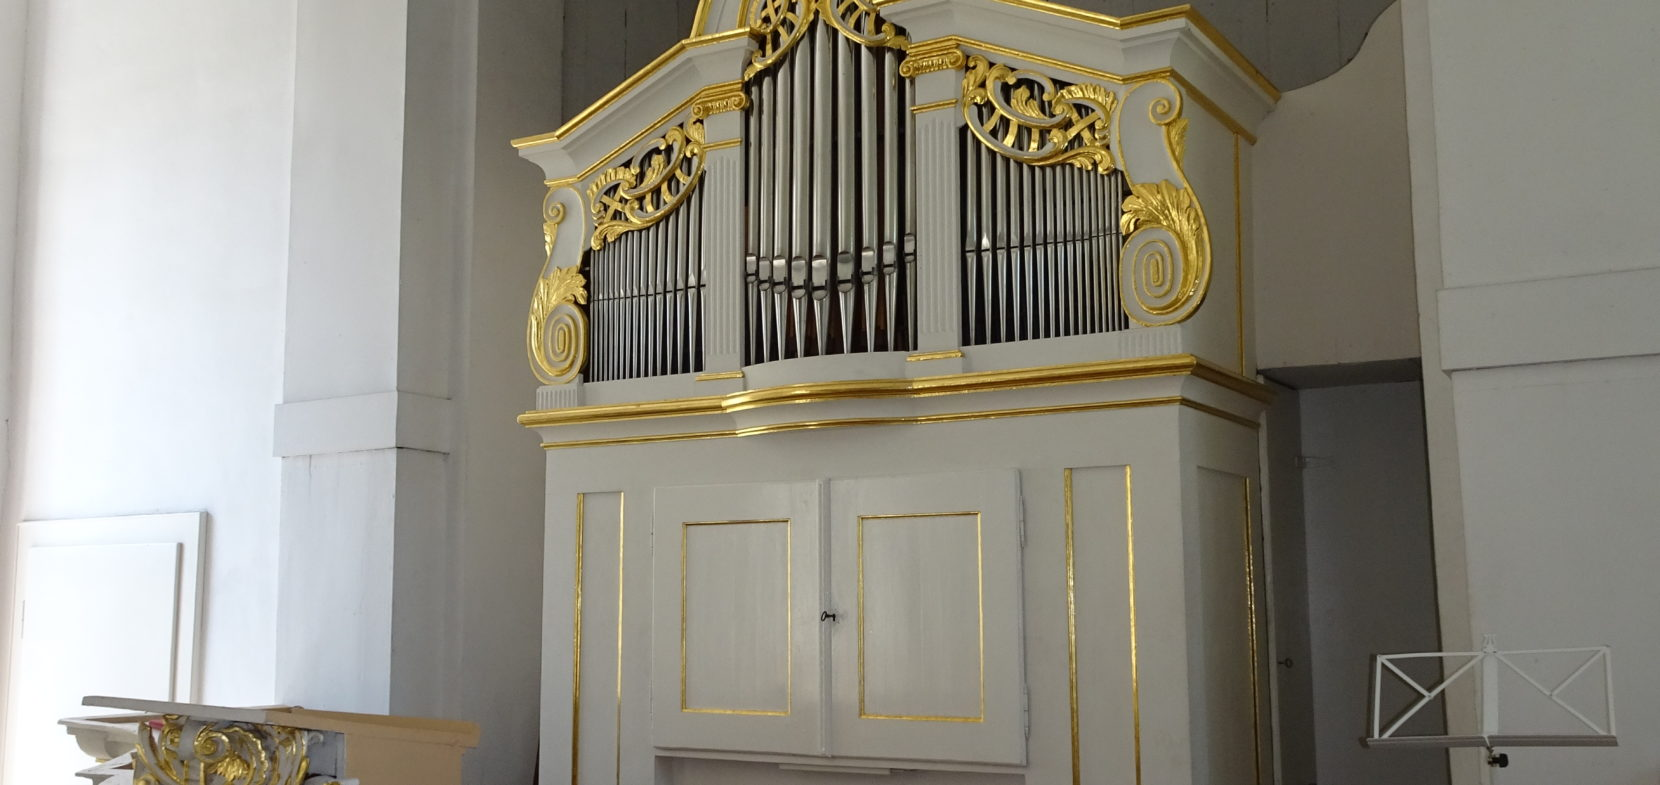 Die Flemming-Orgel von 1793 in der Gustav-Adolf-Kirche in Lindenthal